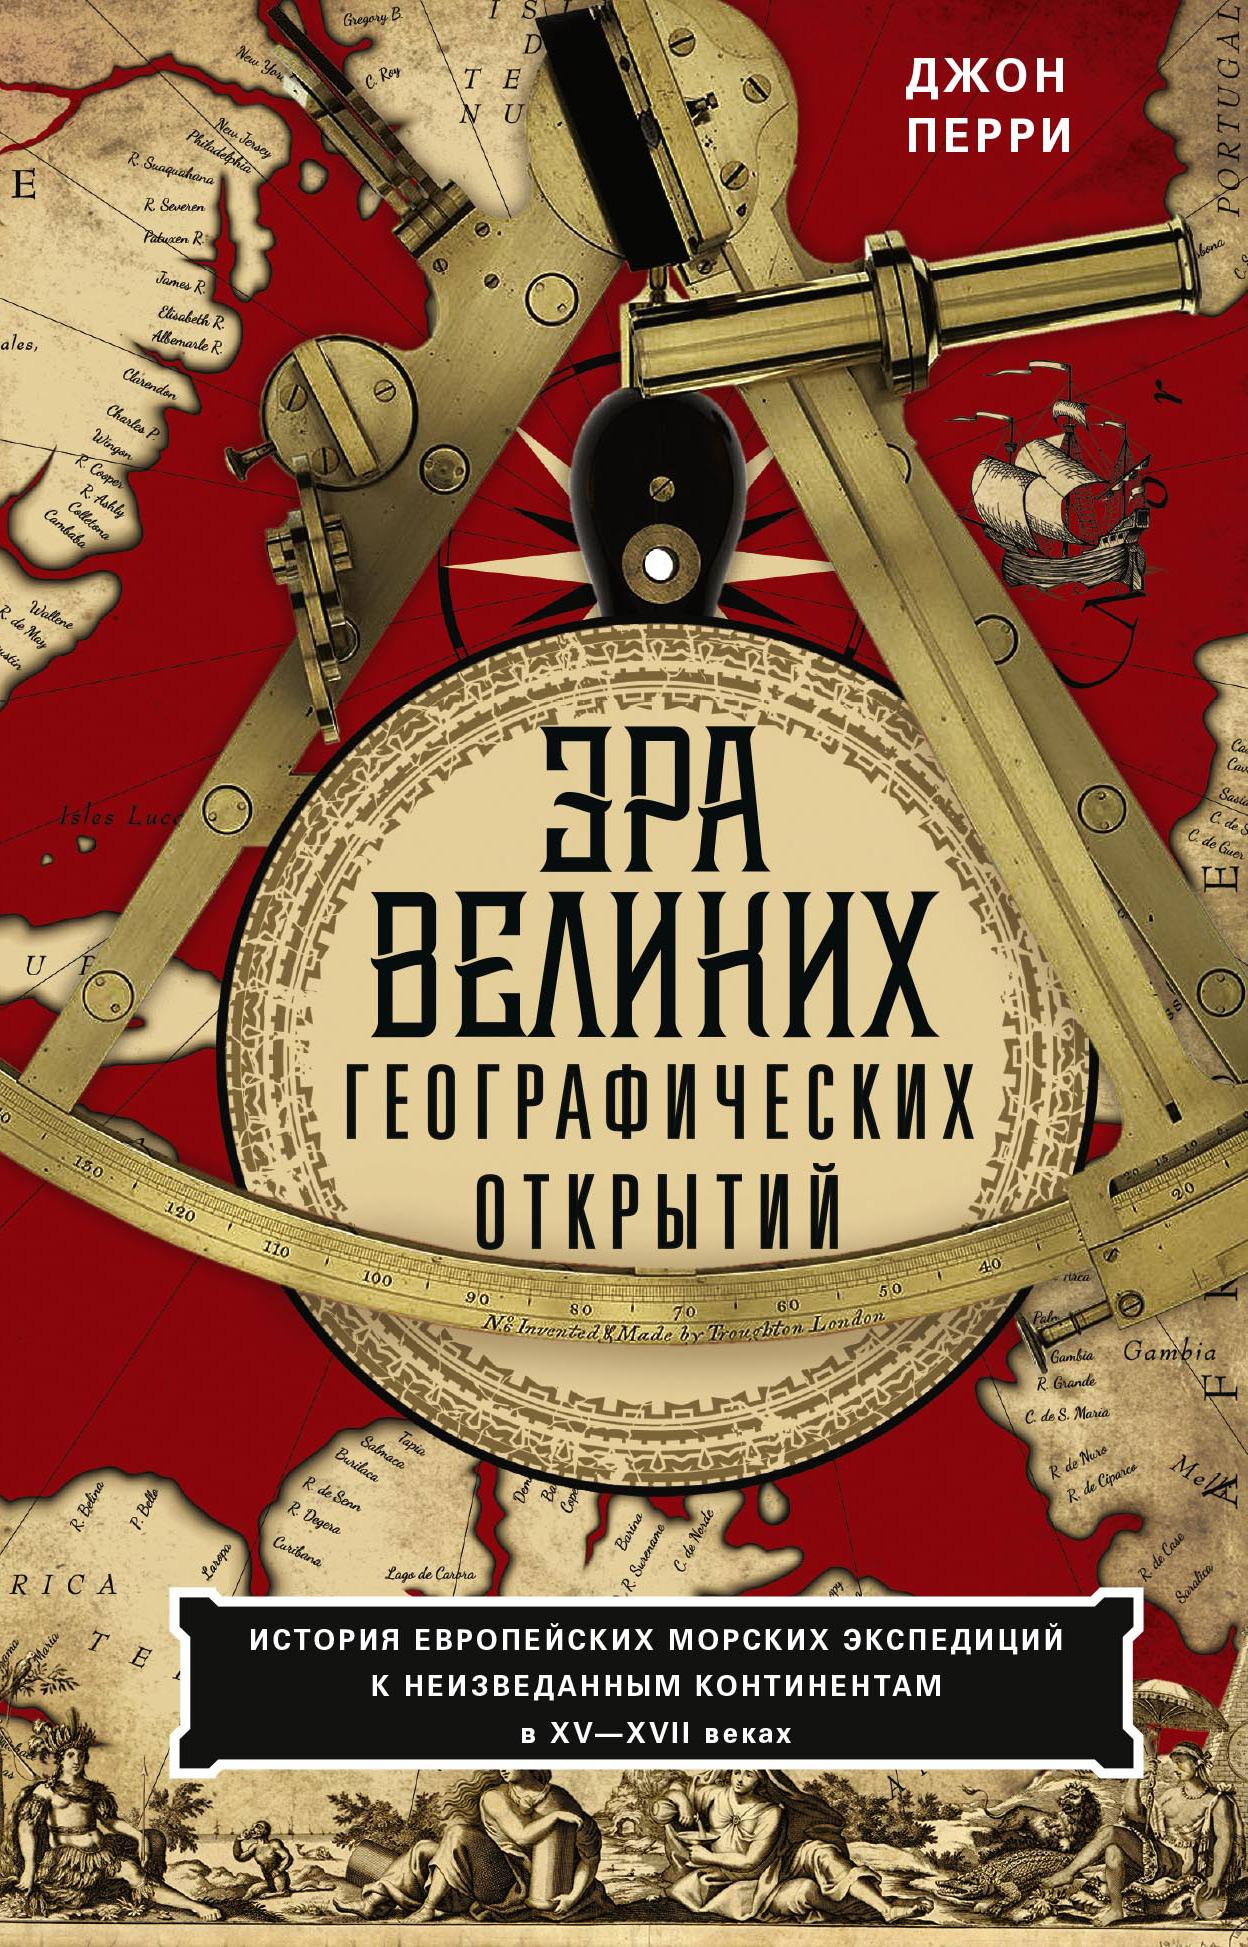 Эра великих географических открытий. История европейских морских экспедиций к неизведанным континентам в XV—XVII веках